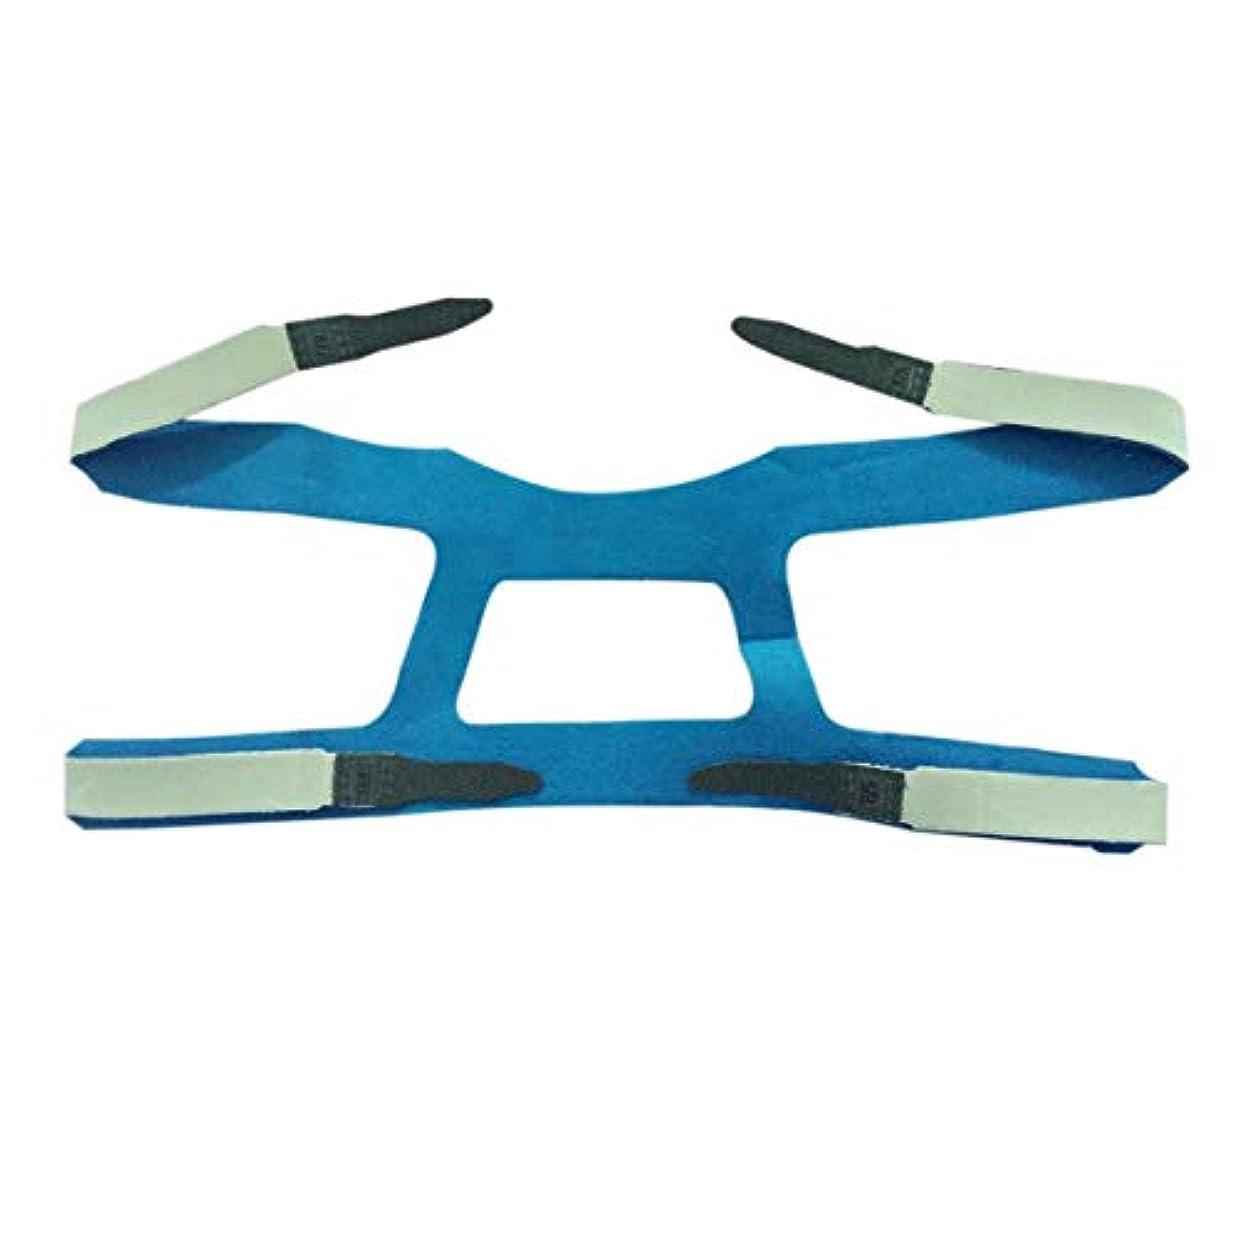 ランチョンインシュレータロープintercorey保護ギアユニバーサルデザインヘッドギアコンフォートジェルフルマスク安全な環境の取り替えCPAPヘッドバンドなしマスク用PHILPS